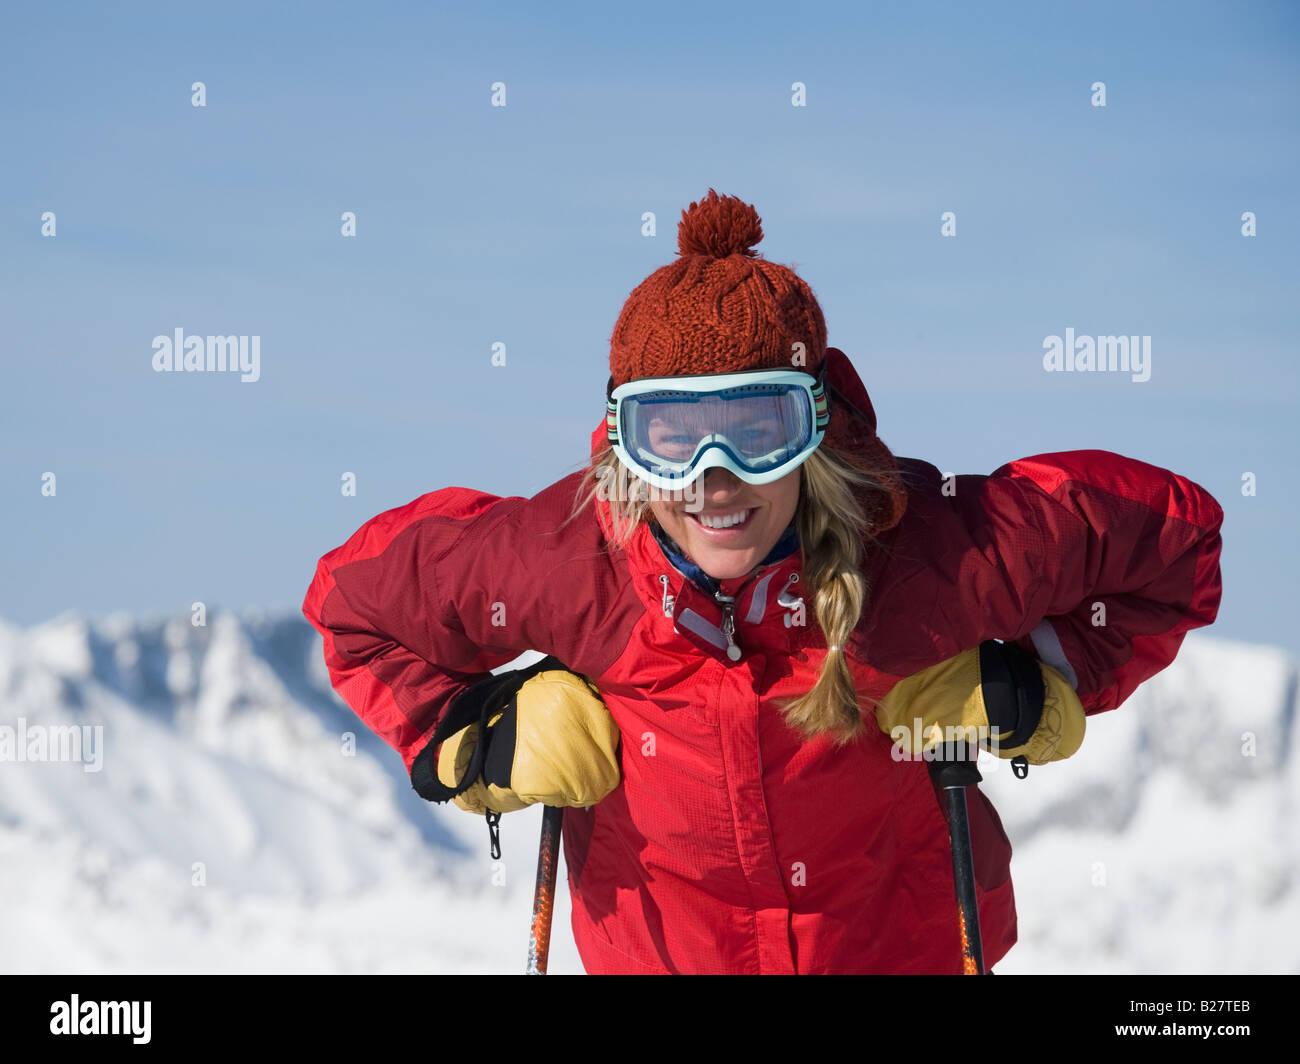 Woman wearing ski gear - Stock Image